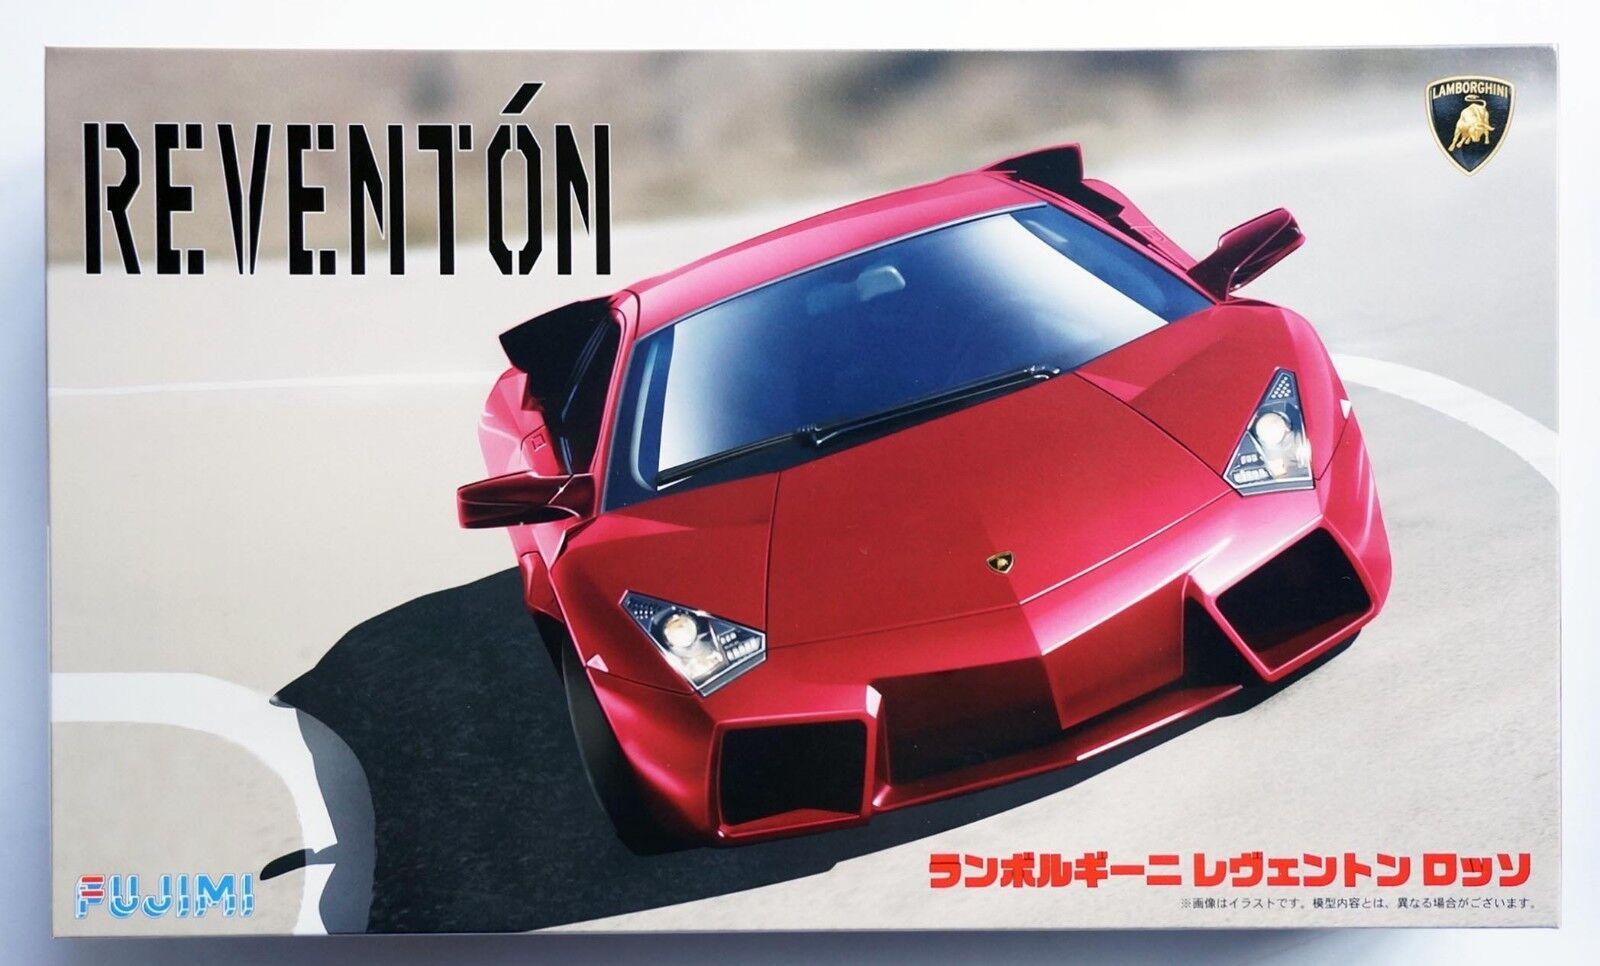 FUJIMI 1 24 Lamborghini Reventon red real sports car RS-61 scale model kit